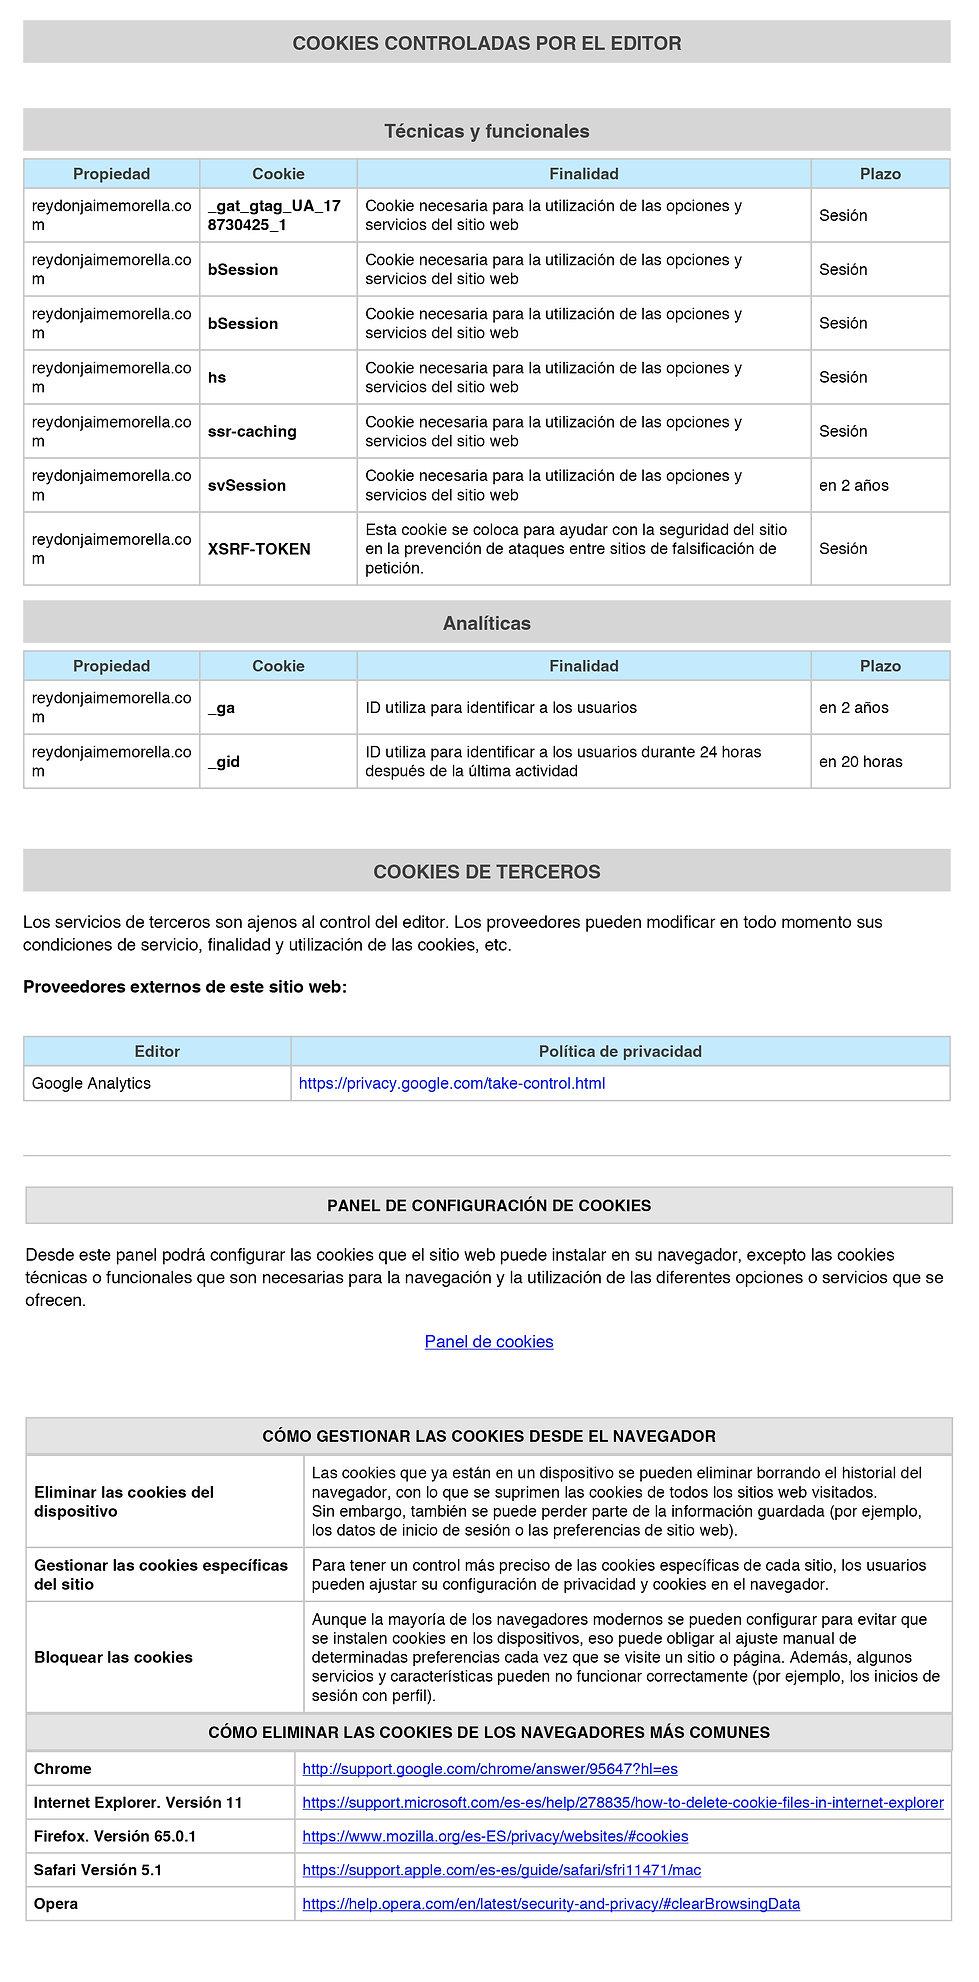 POLITICA DE COOKIES_REY_DON_JAIME.jpg